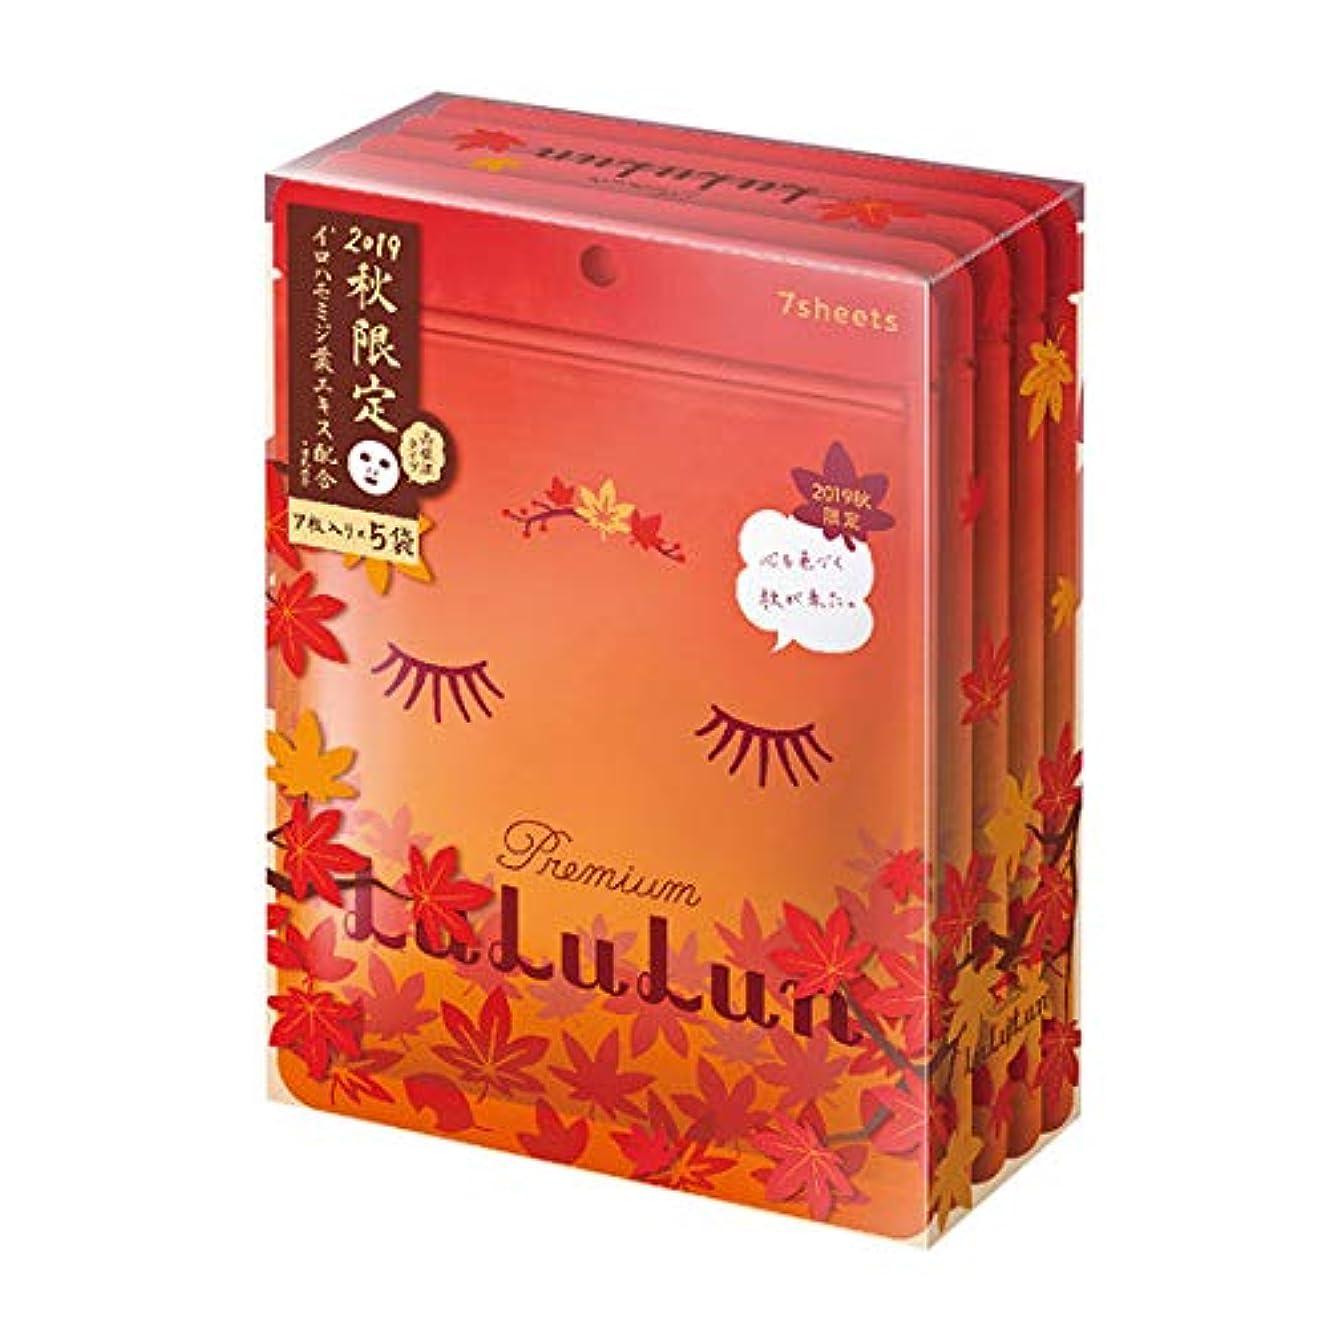 意気消沈した溶接マンハッタン秋 限定 紅葉 プレミアム ルルルン 7枚入り × 5袋